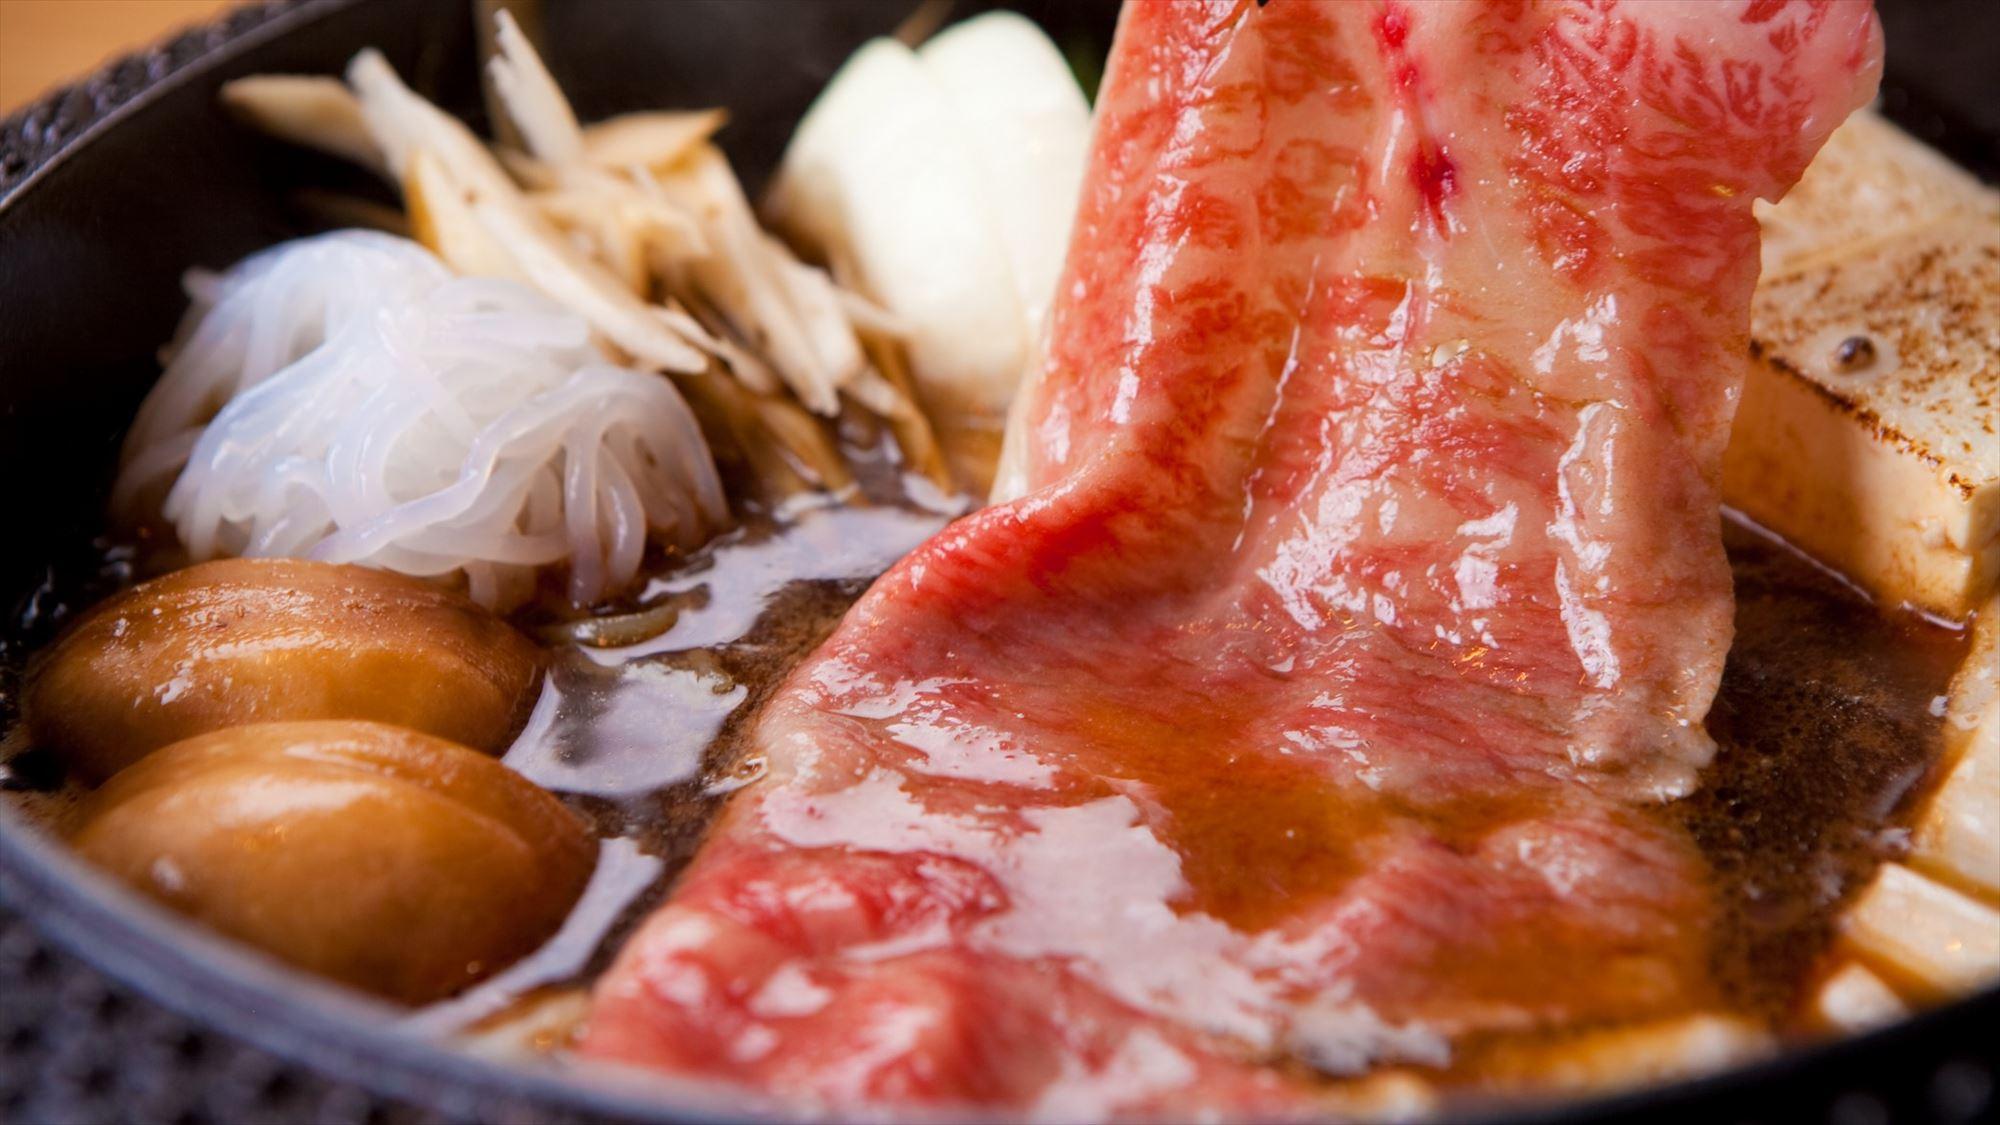 【すき焼き】濃厚な割り下と絡まって、口の中でトロける上質和牛は、まさに絶品